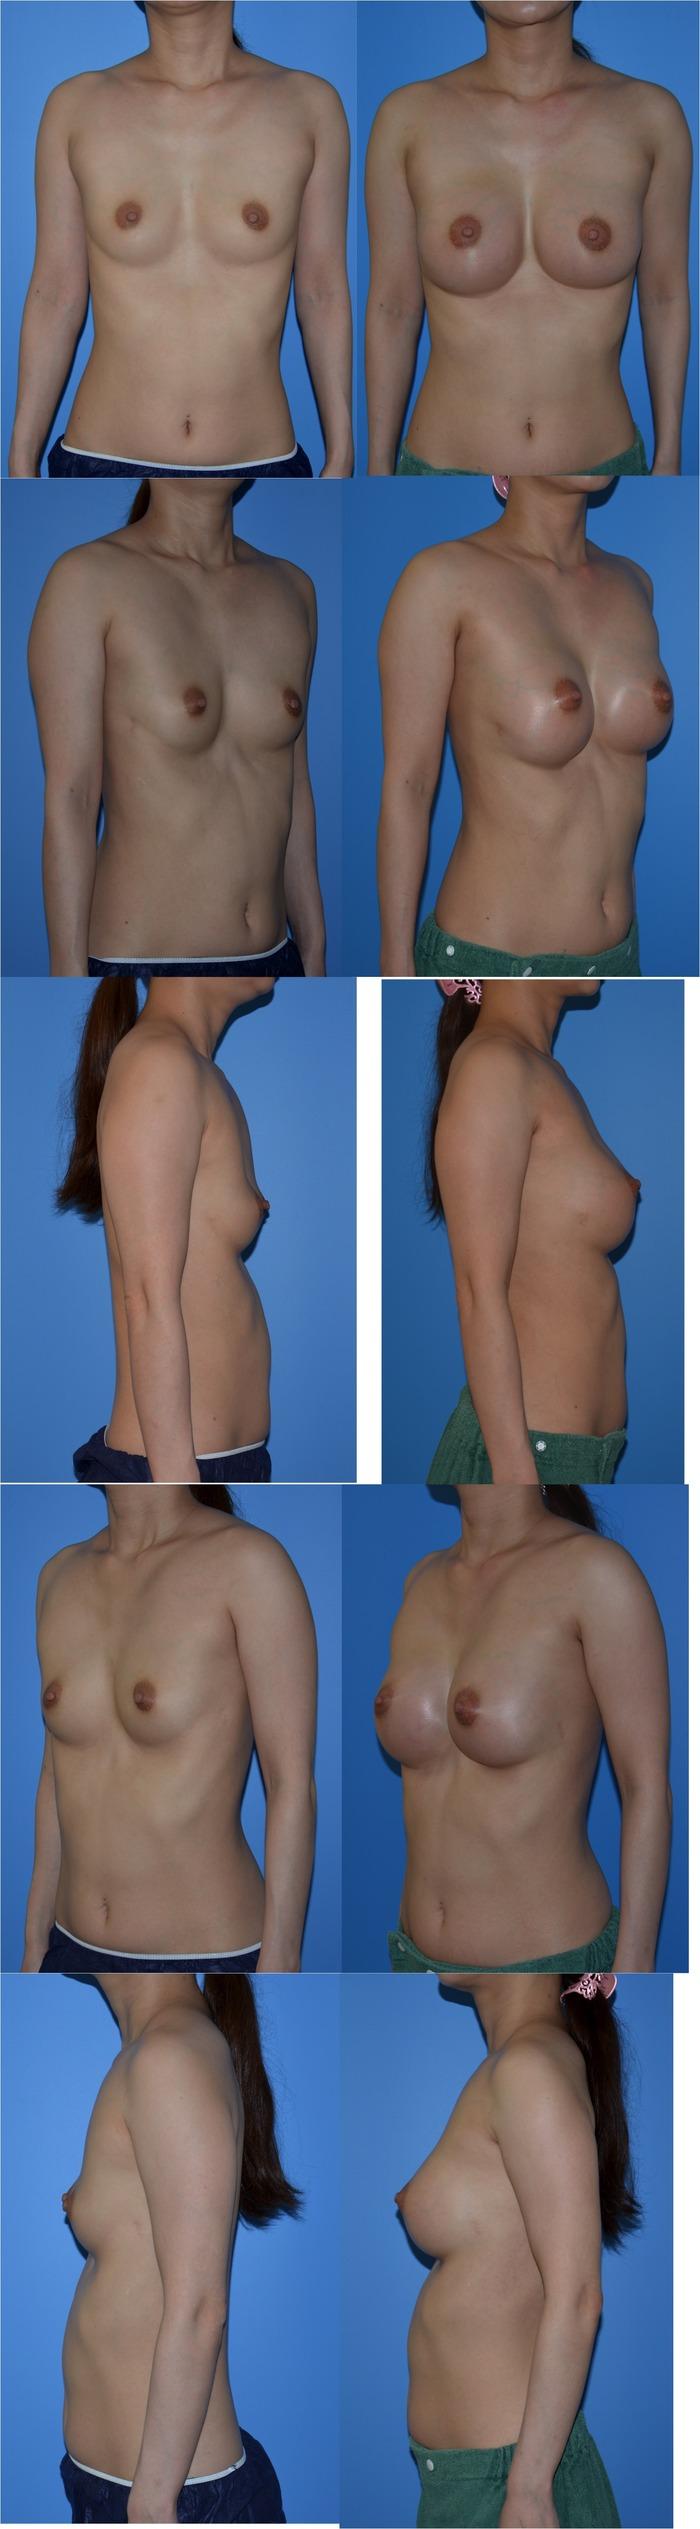 乳房増大術 シリコンバッグ